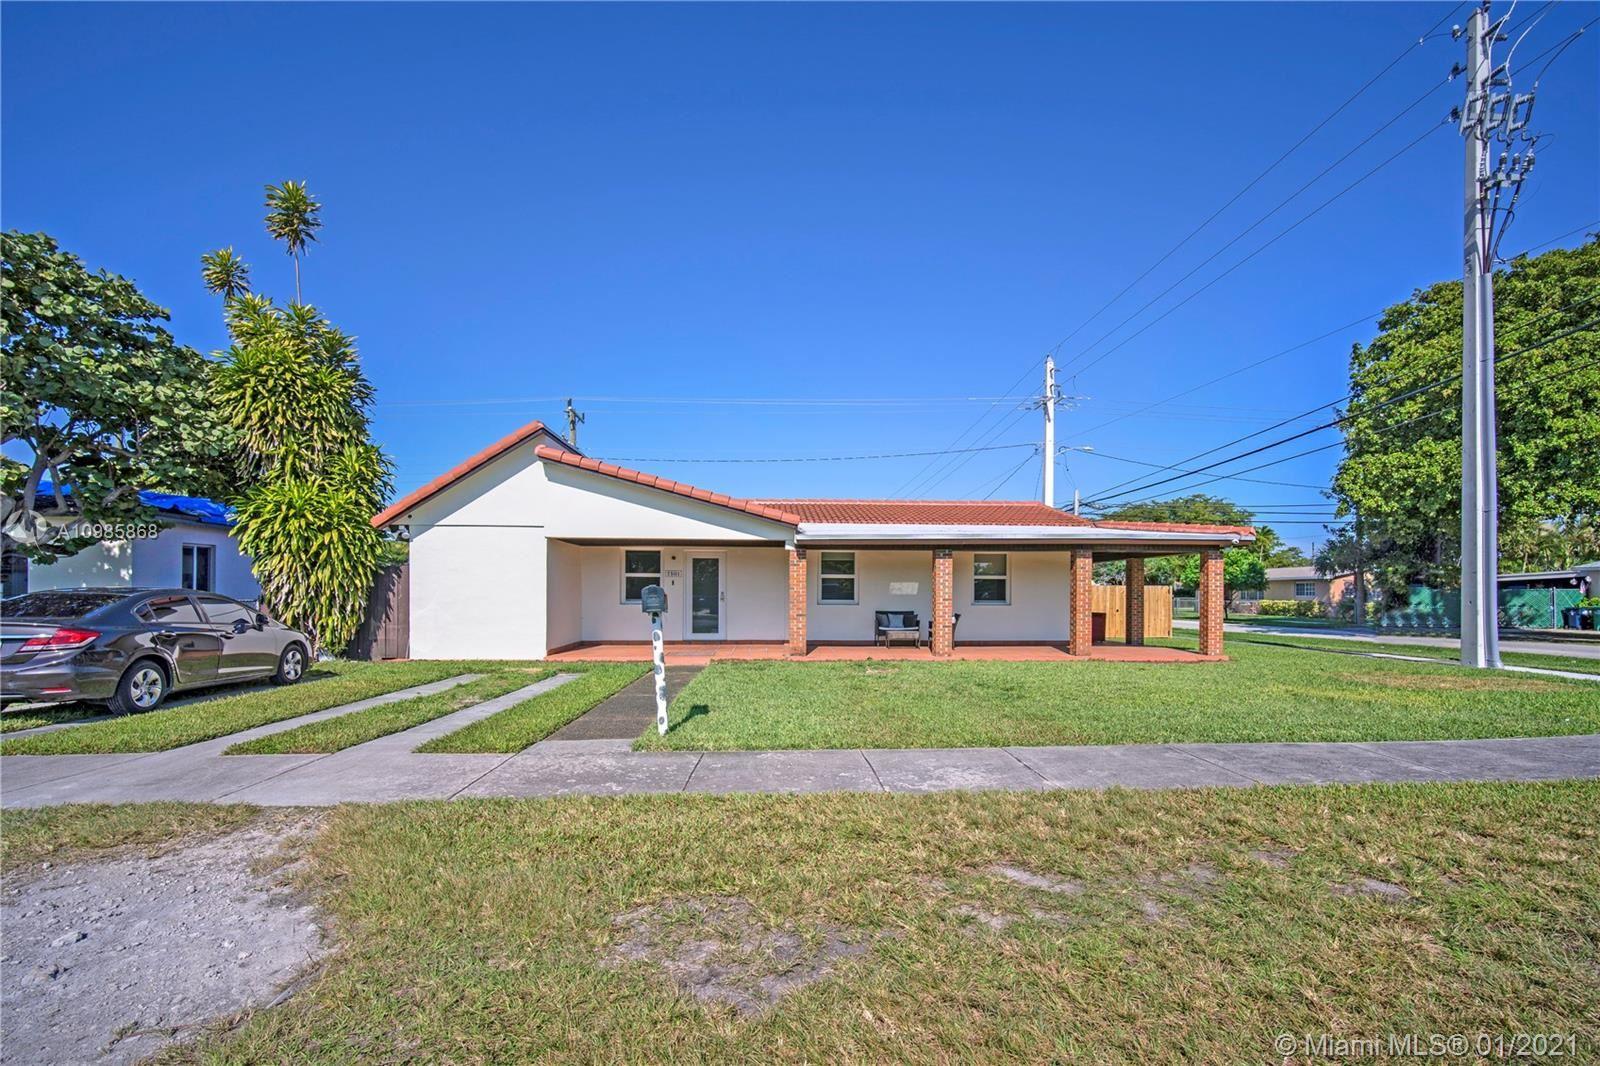 7501 SW 39th St, Miami, FL 33155 - #: A10985868